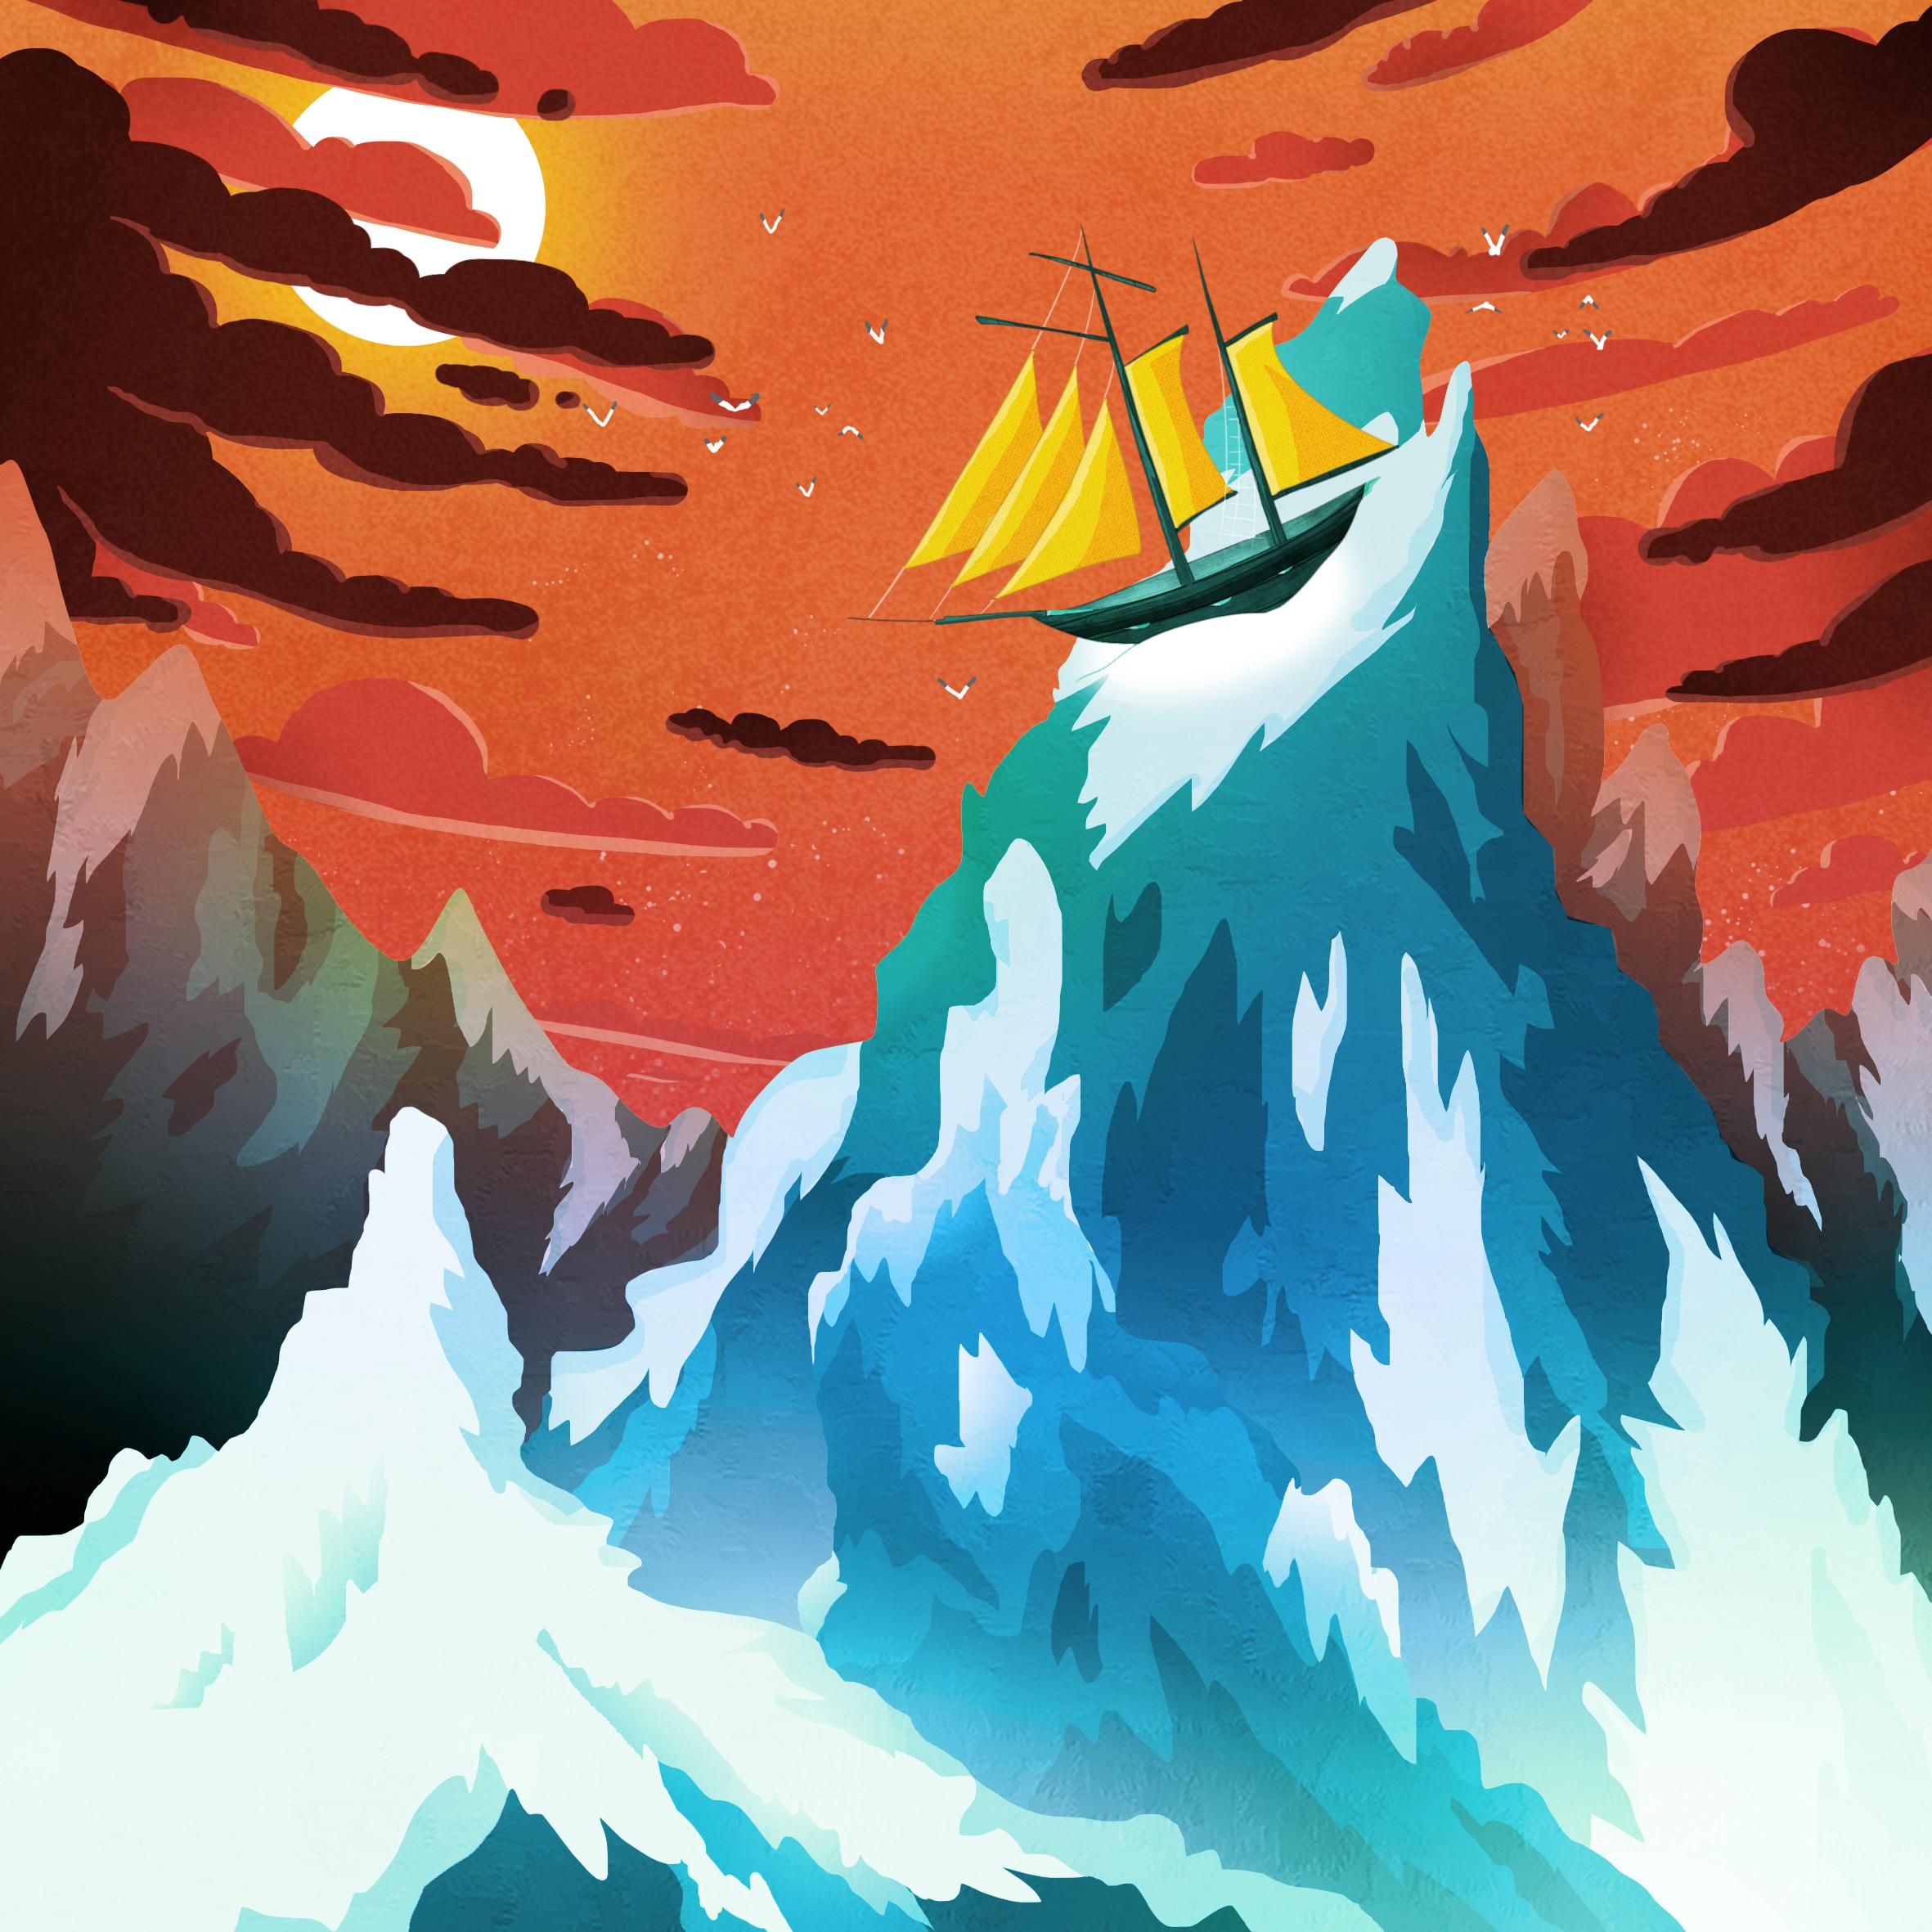 Montagne glacée - 2017